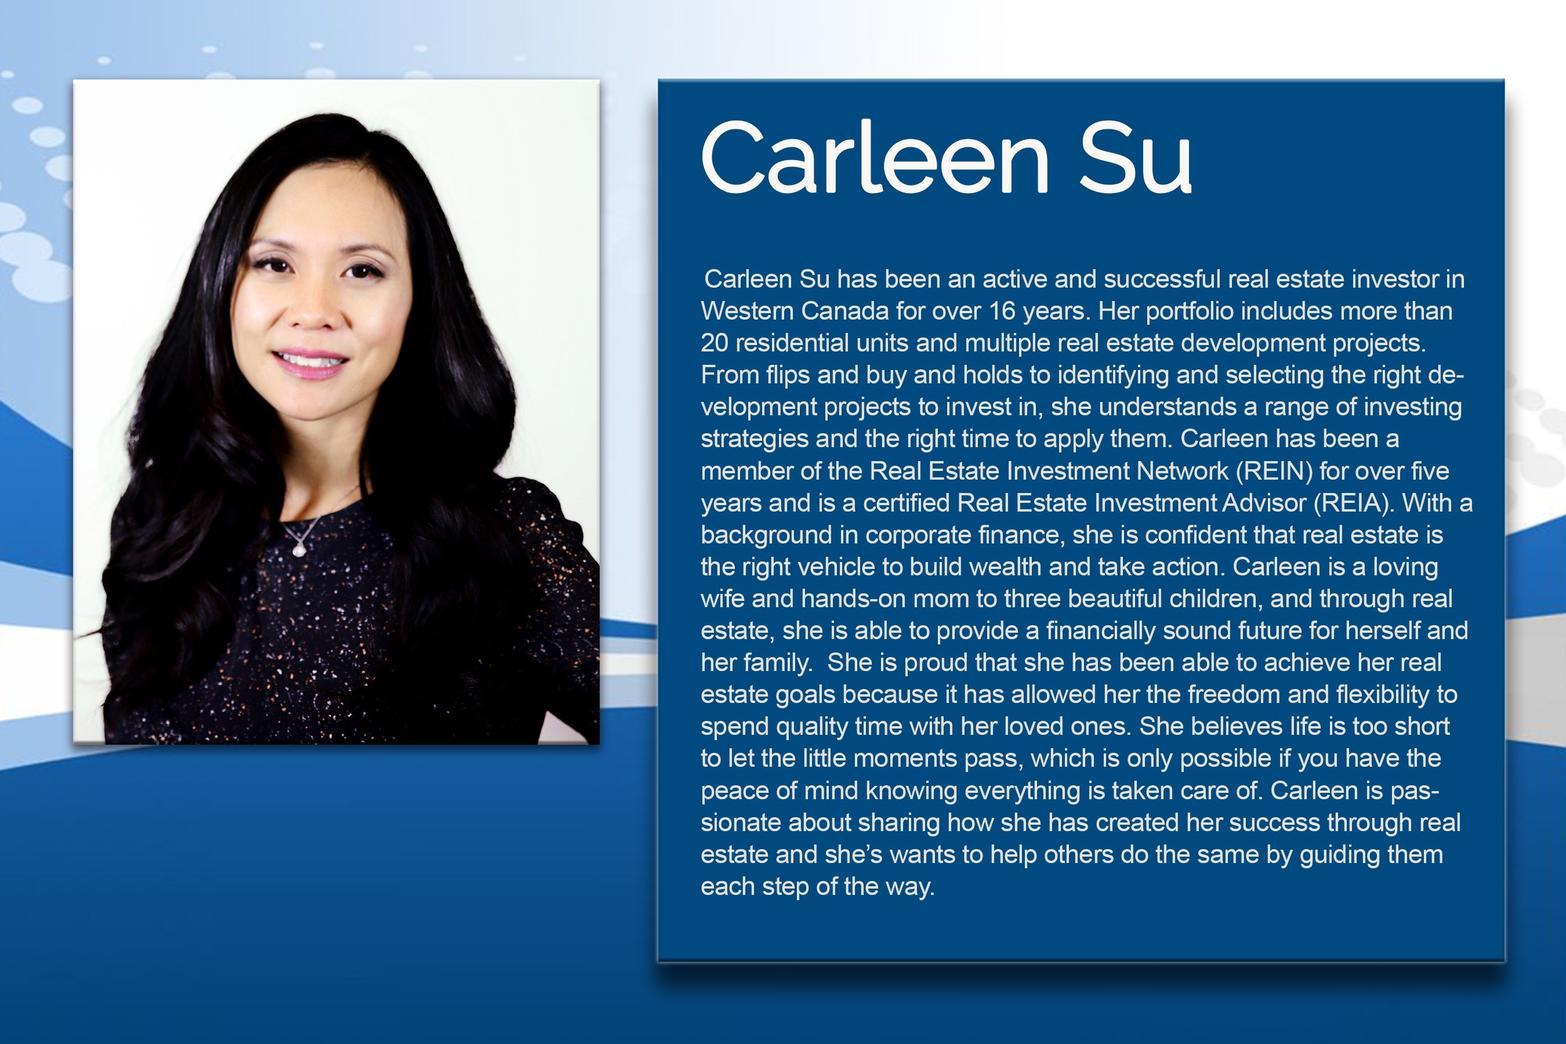 Carleen